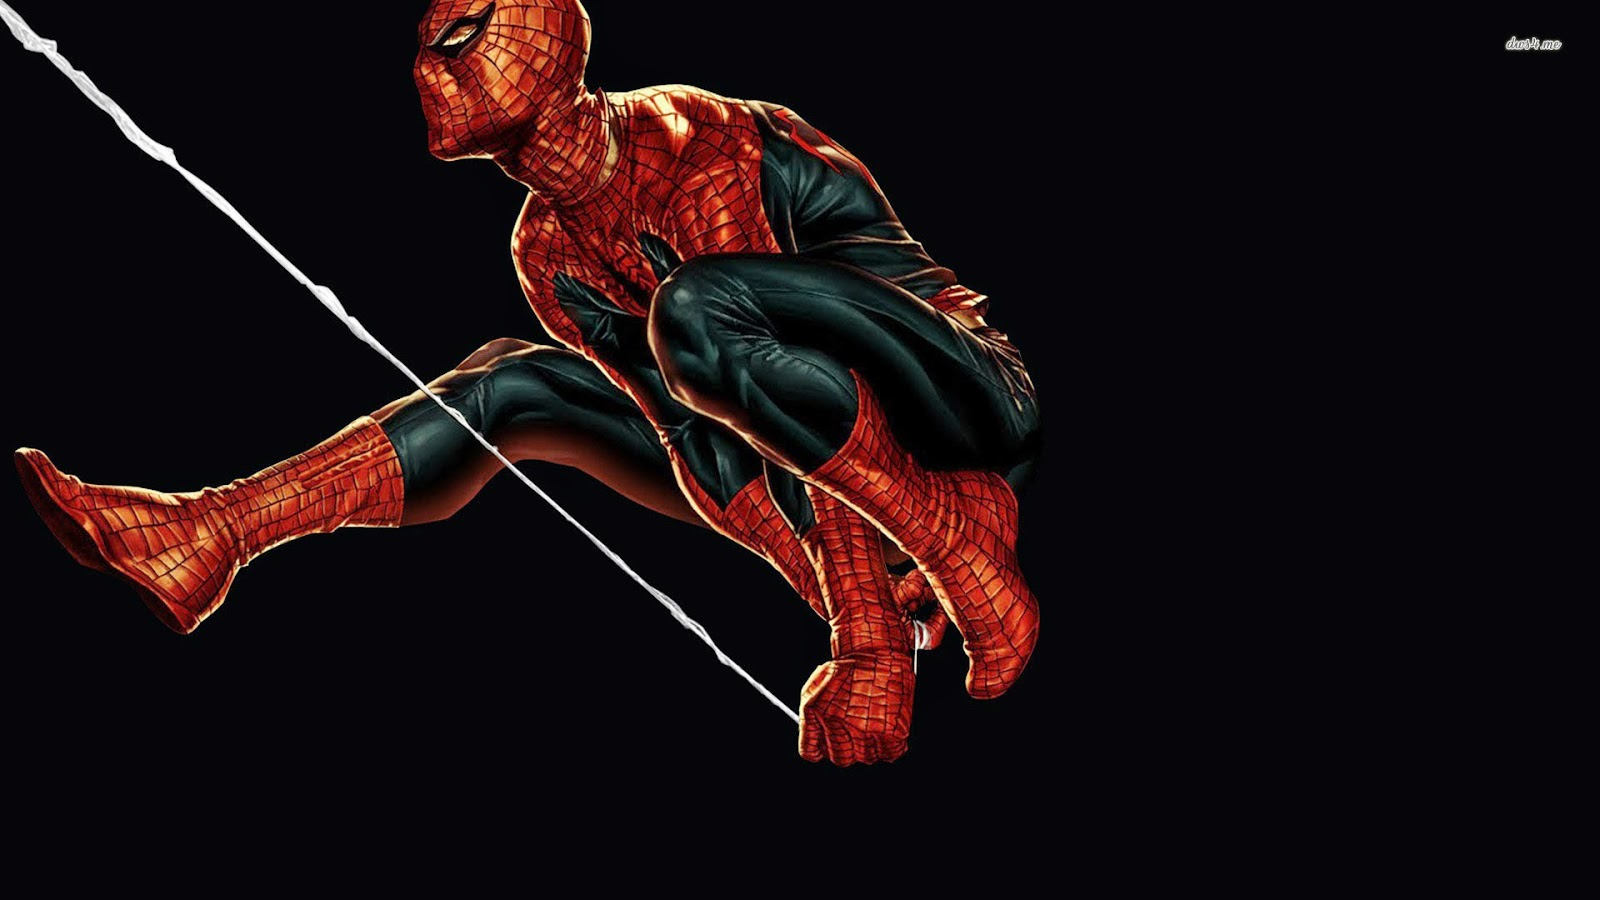 Tải hình nền người nhện Full HD - Spider Man Wallpaper